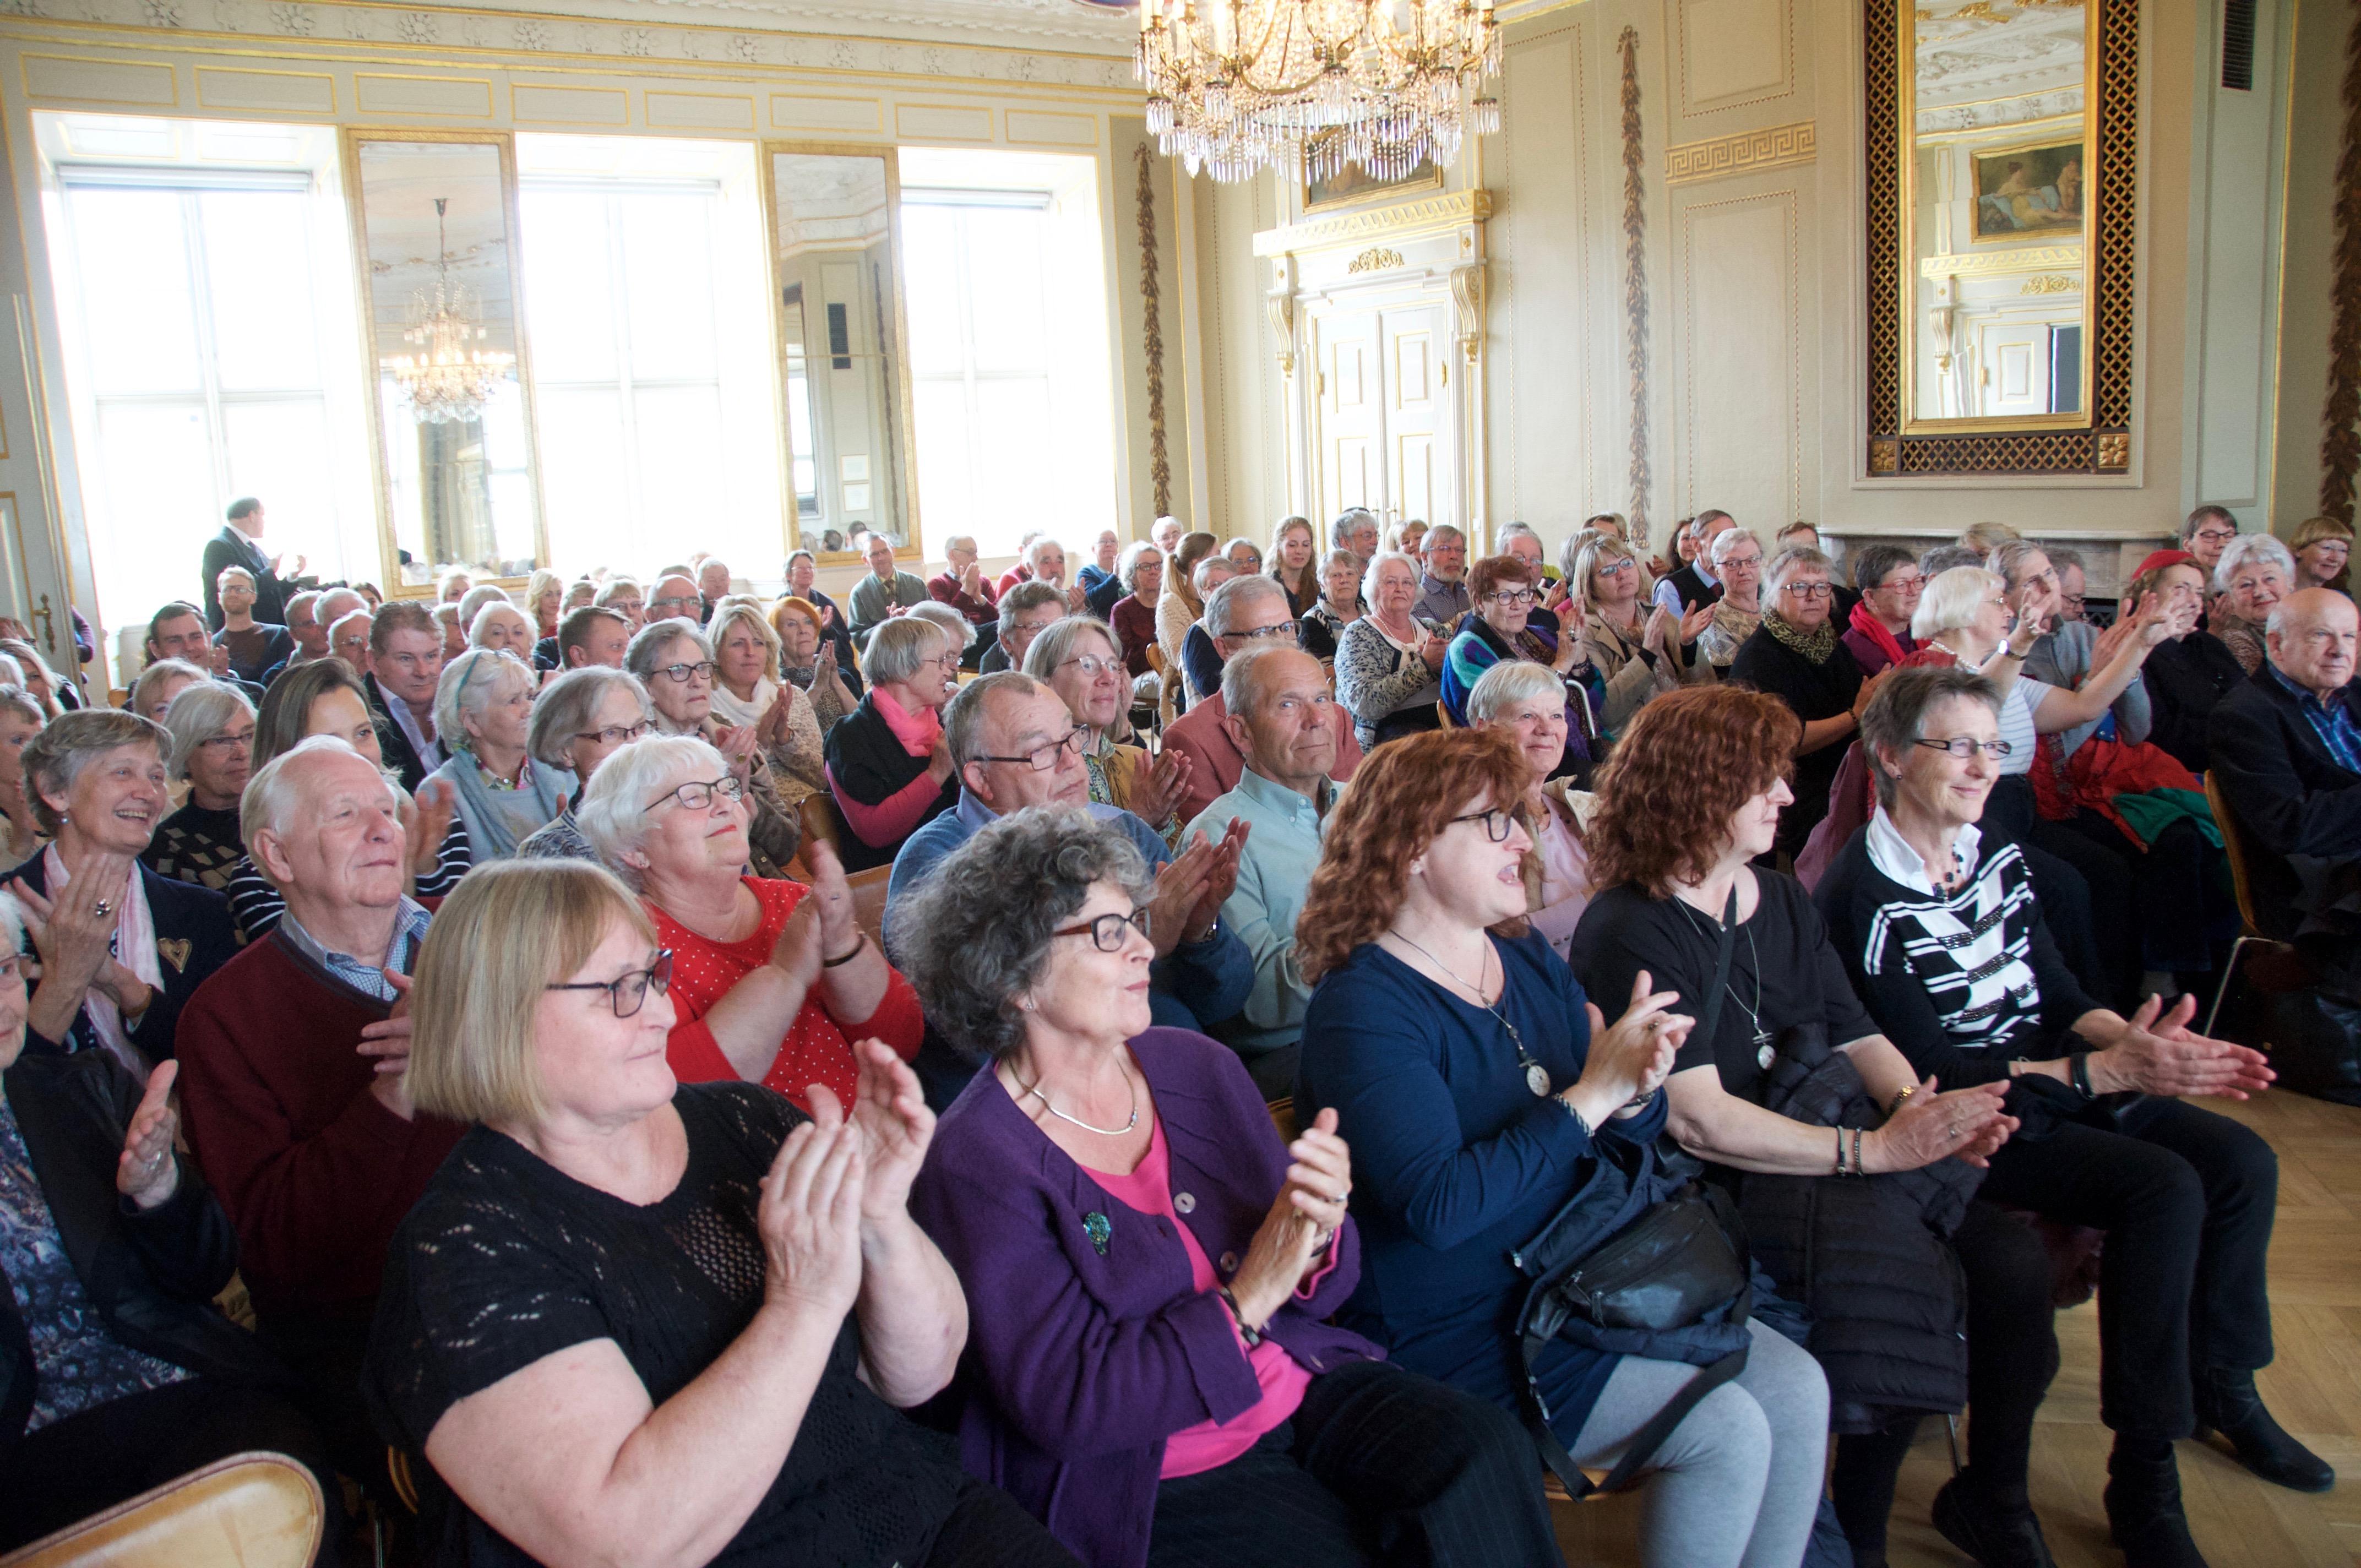 Fantastisk publikum!